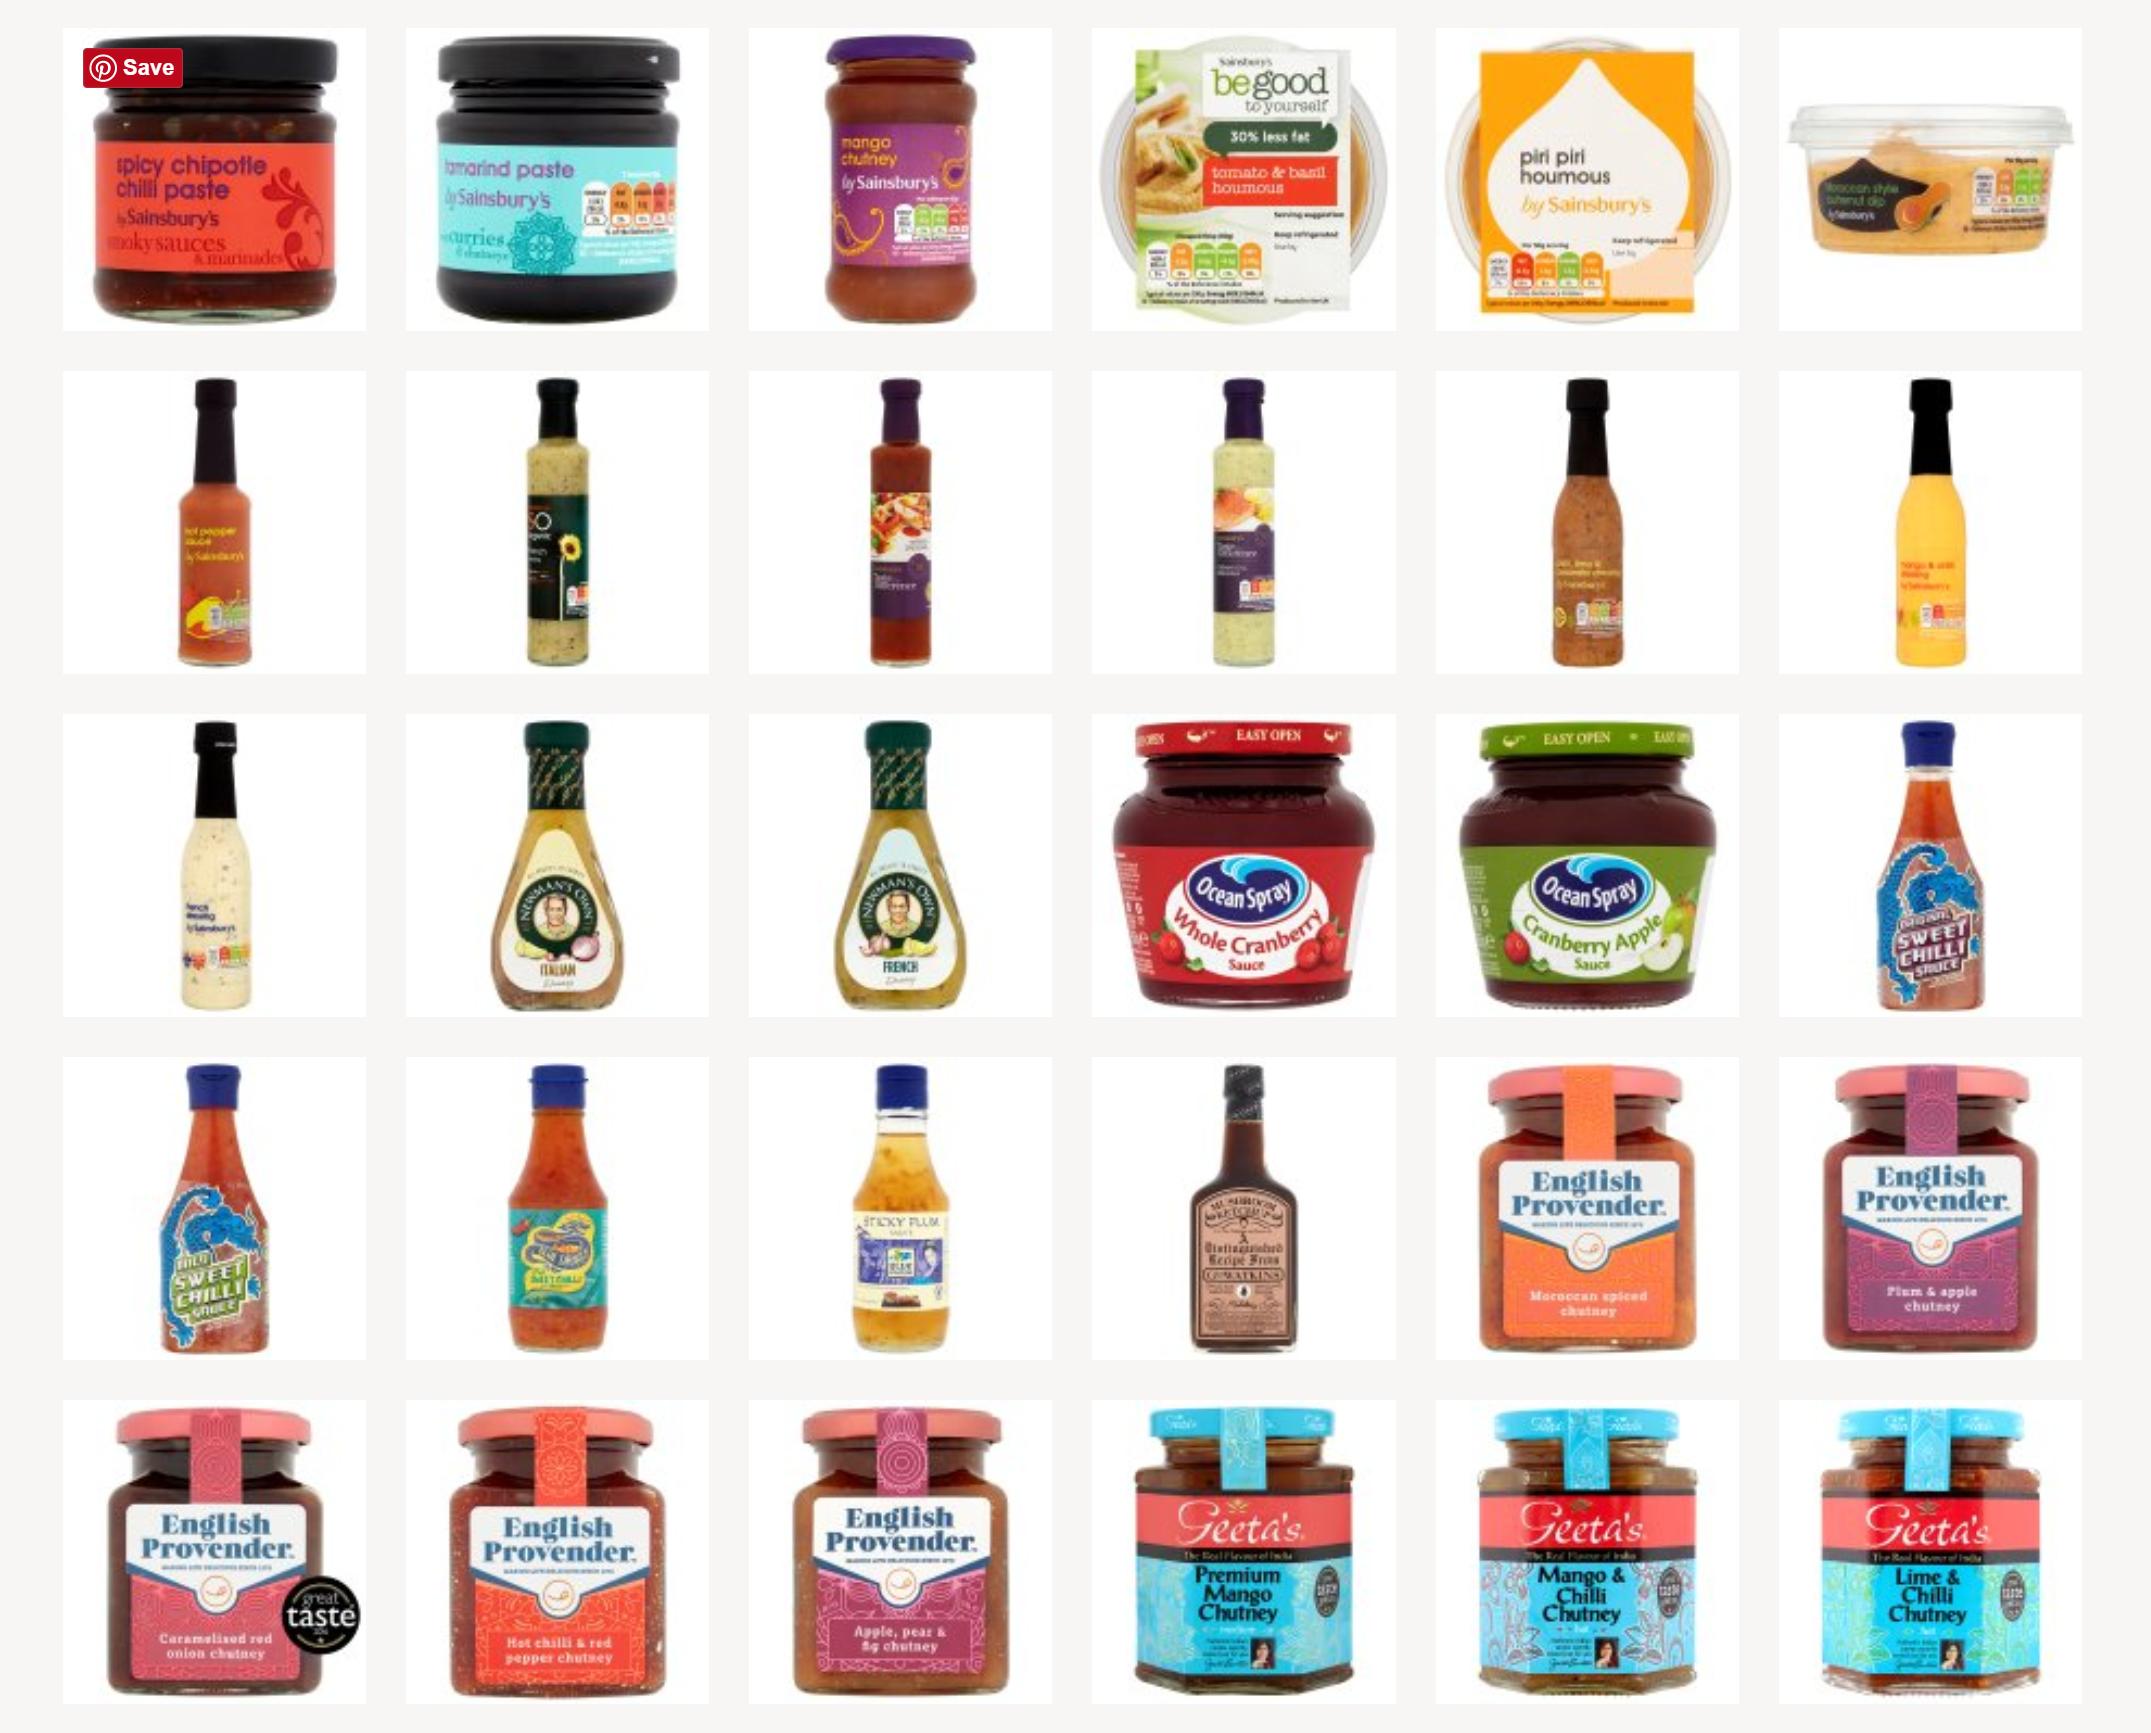 Vegan condiments in Sainsbury's